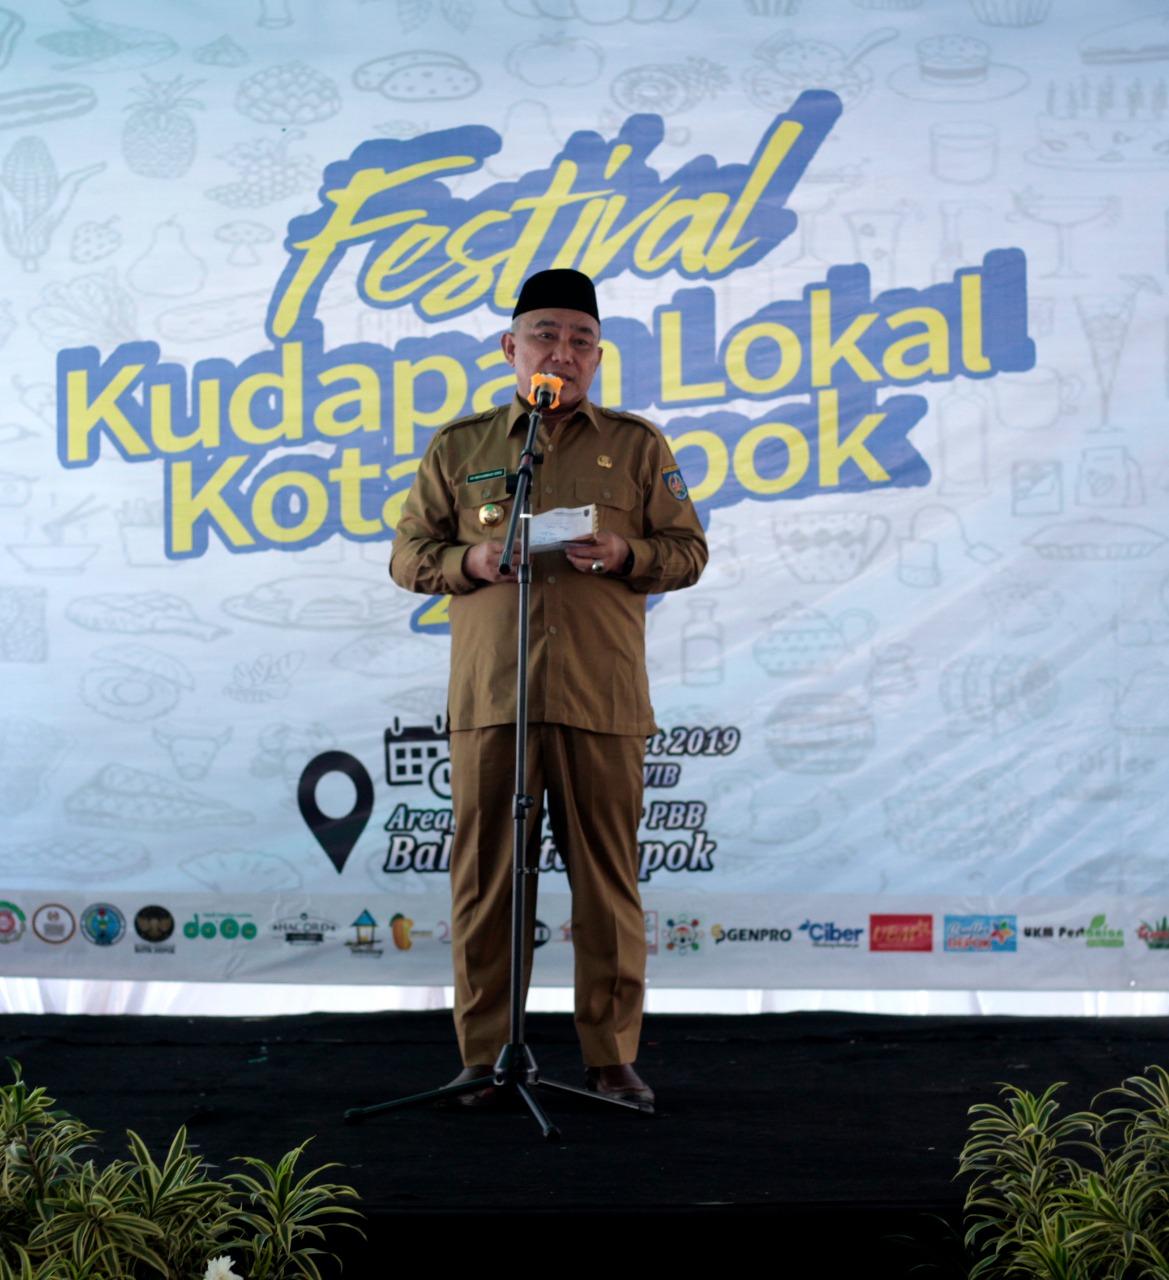 Wali Kota Depok, Beri Sambutan di Festival Kudapan Lokal Kota Depok